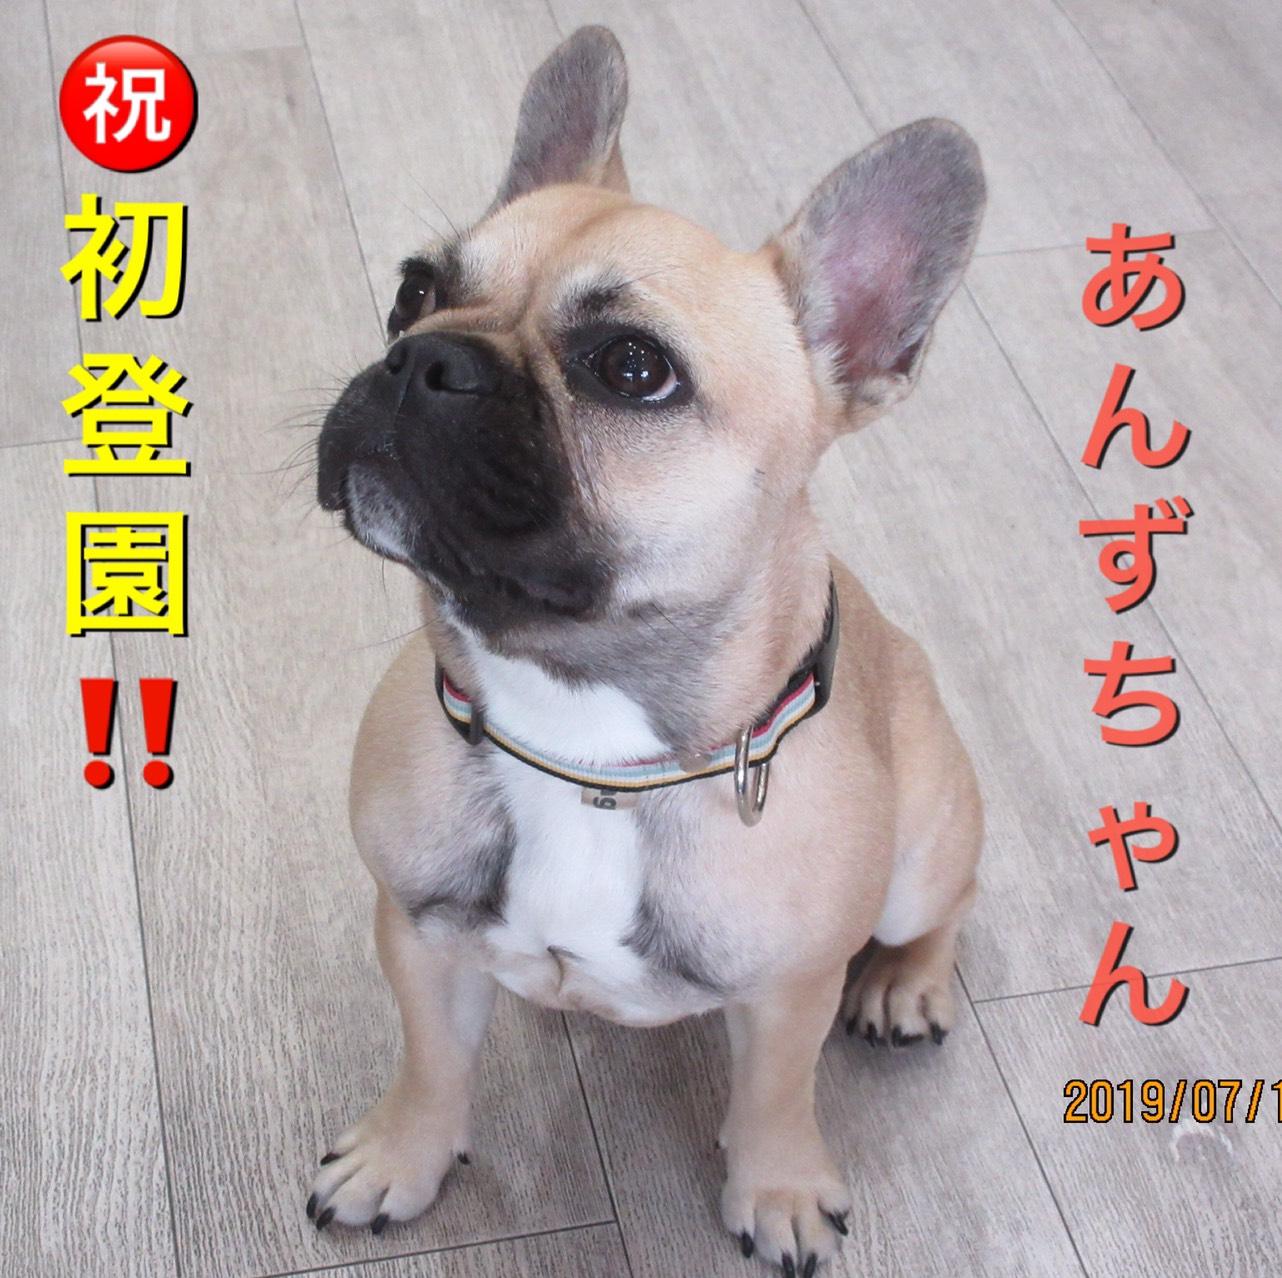 あんずちゃん・犬の保育園Baby・犬・犬のしつけ・犬の社会化